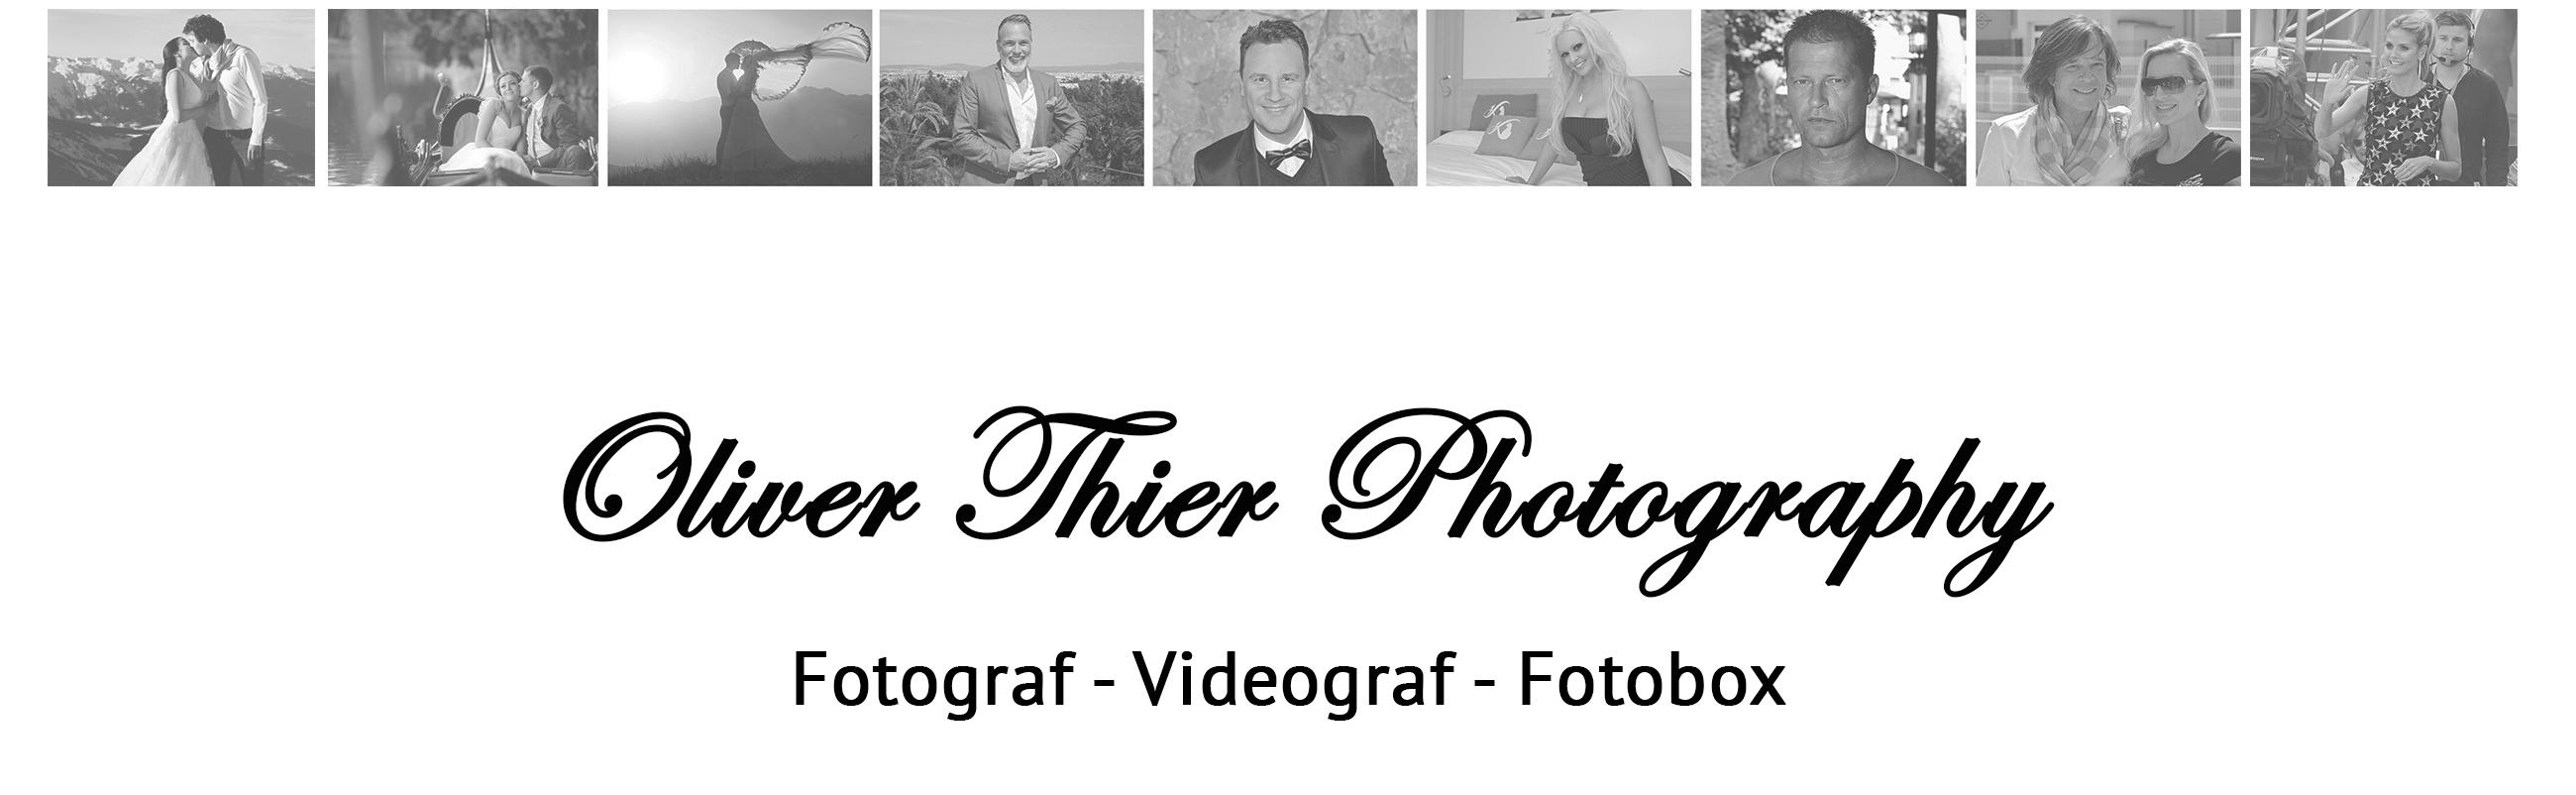 FOTOGRAF KITZBÜHEL KUFSTEIN KIRCHBERG WALCHSEE THIERSEE KÖSSEN HOCHZEITSFOTOGRAF